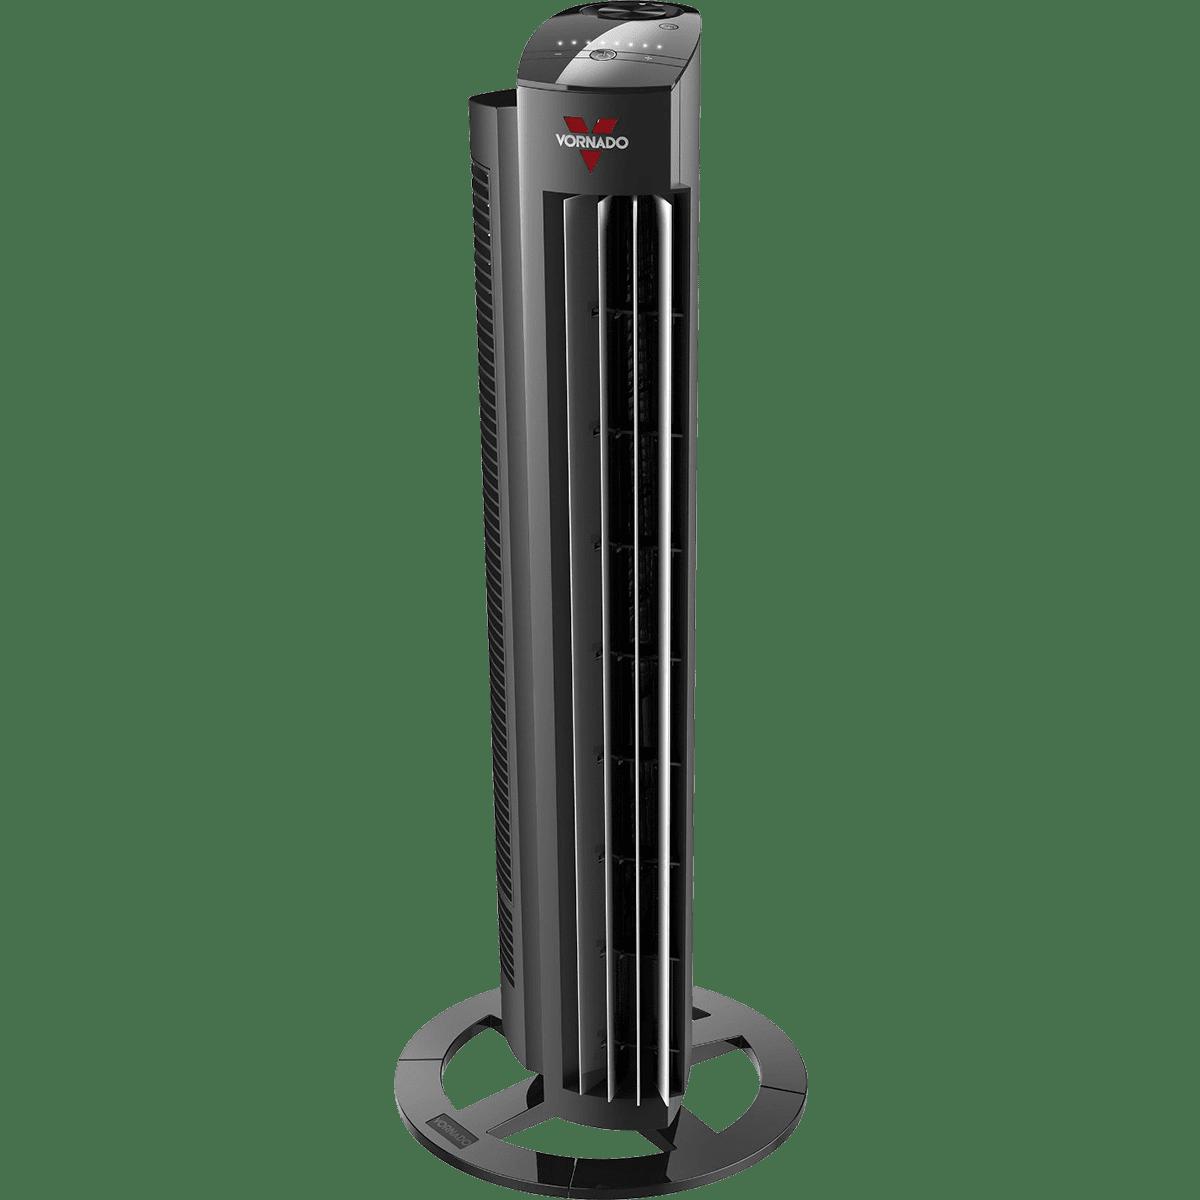 Vornado Tower Circulator : Vornado ngt mid size tower circulator sylvane